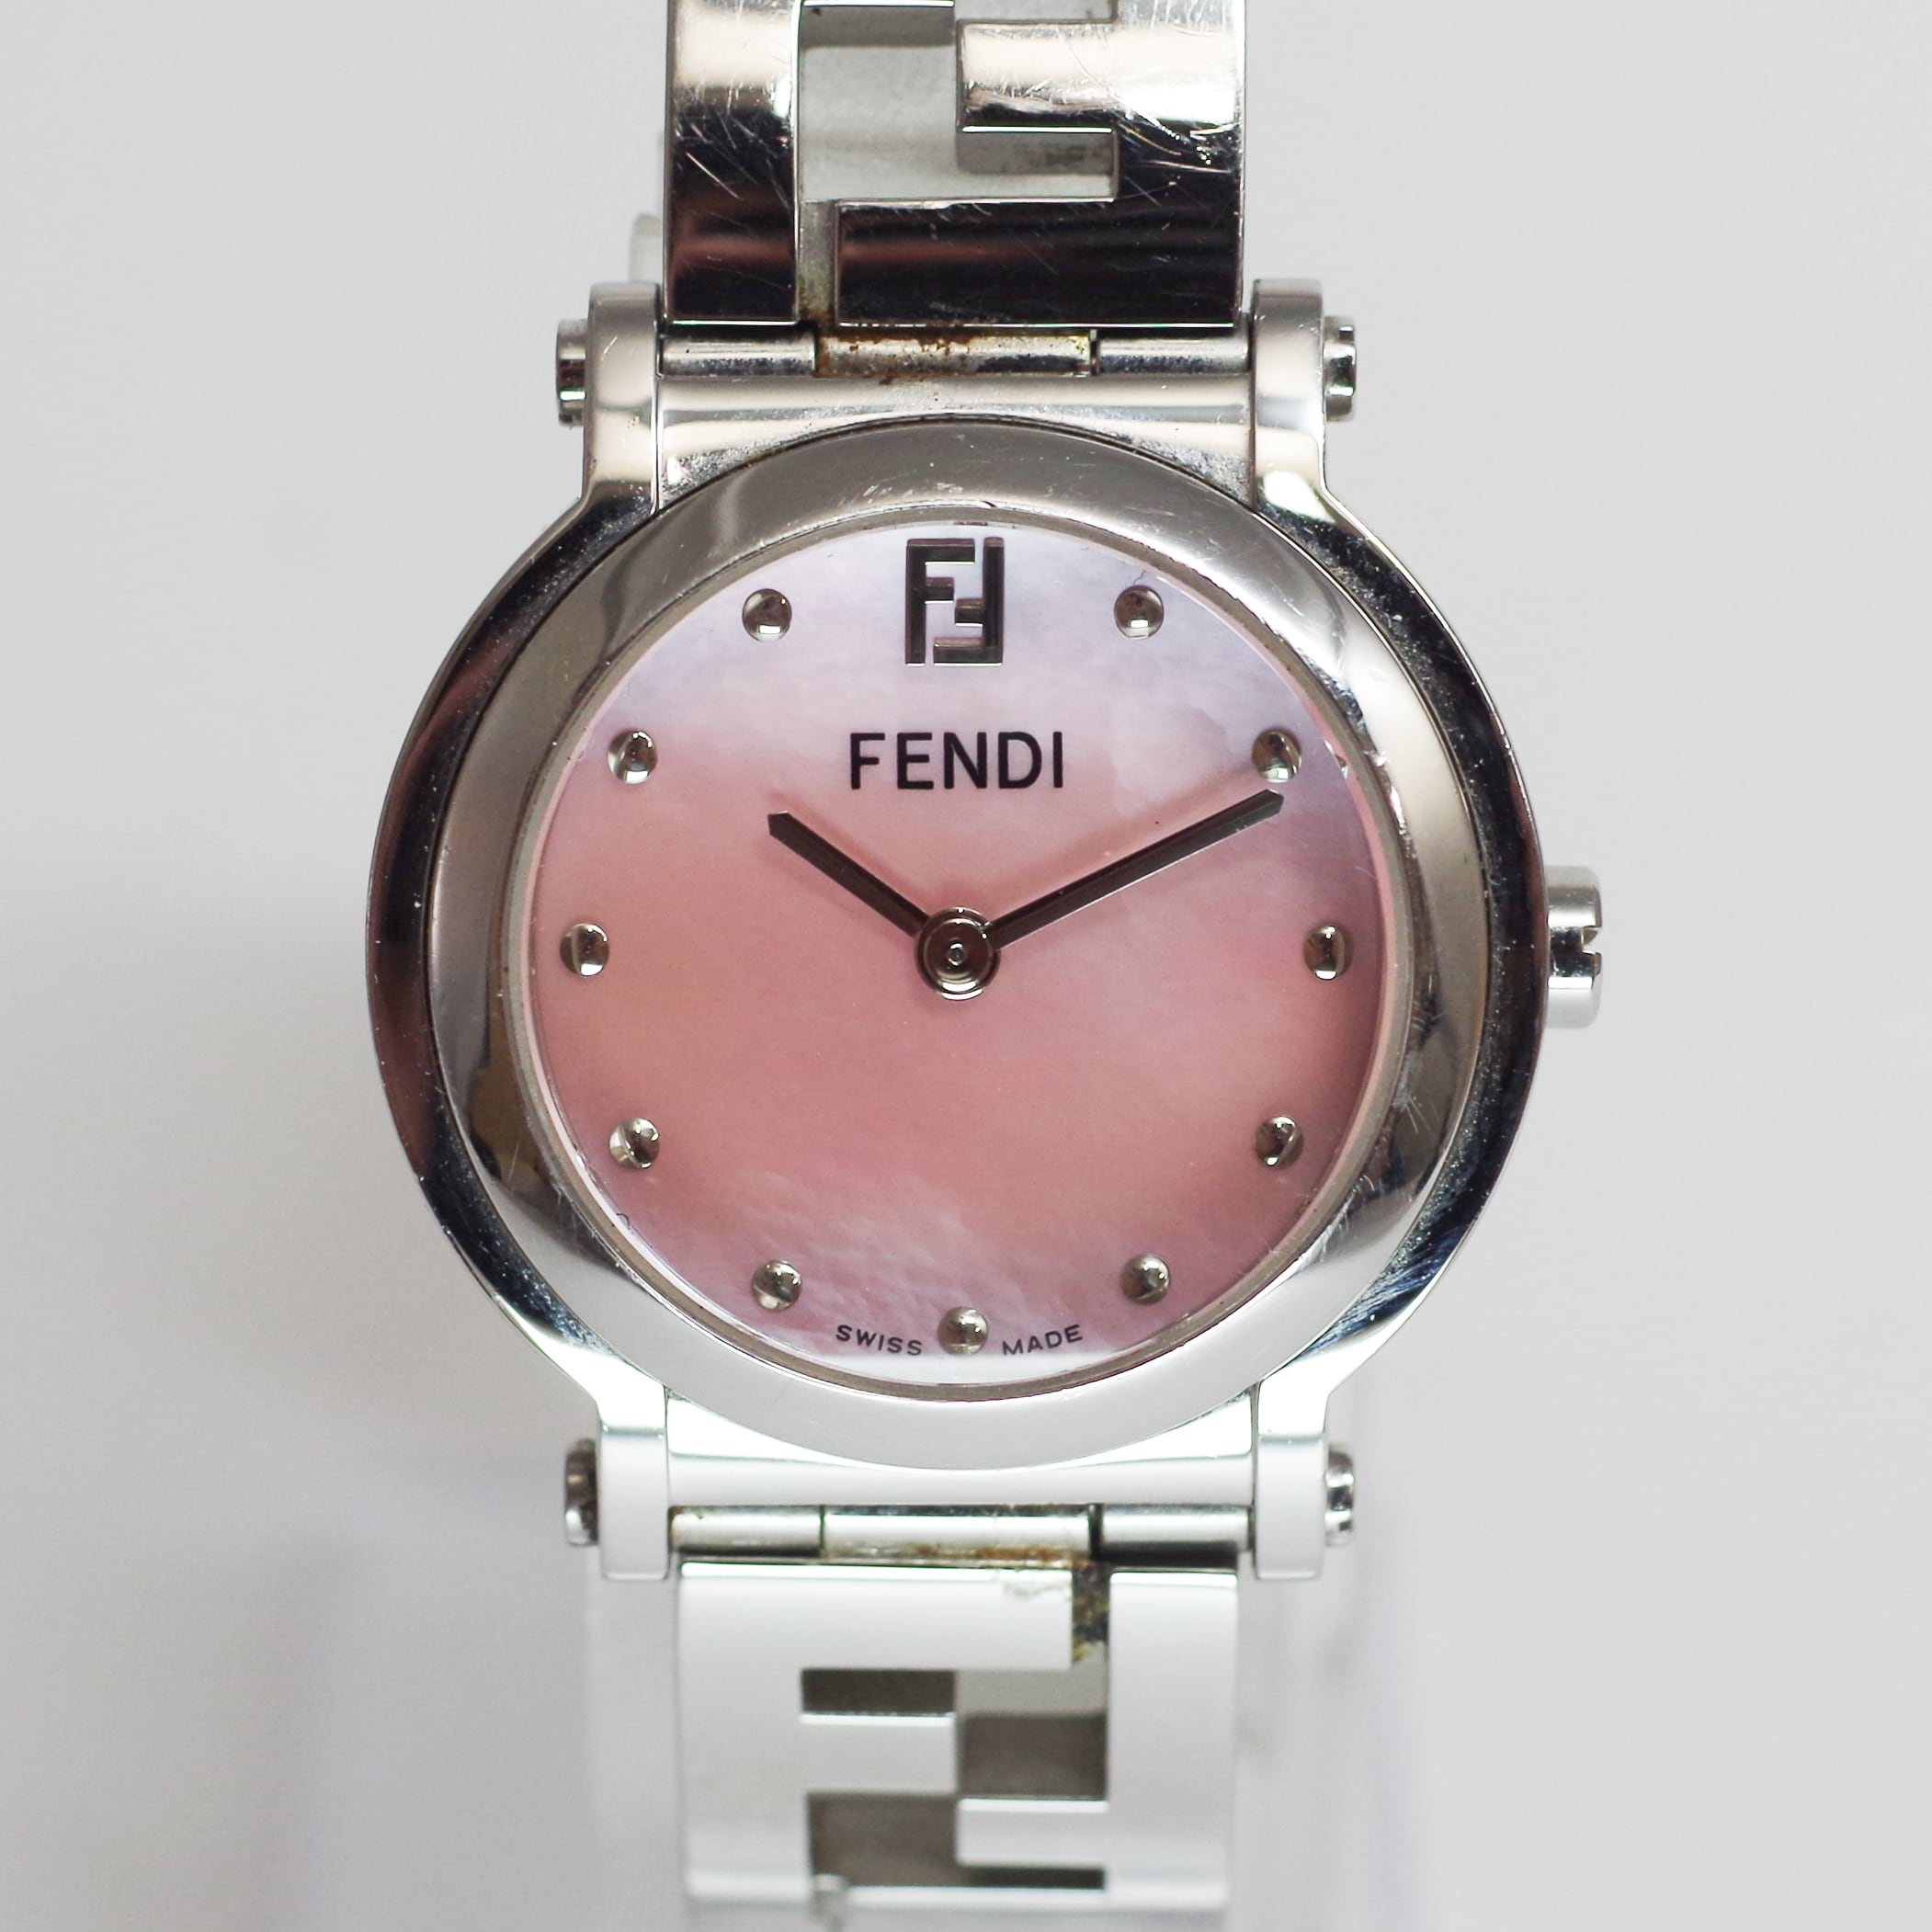 FENDI フェンディ 6100L SS クォーツ ピンクシェル 腕時計 レディース